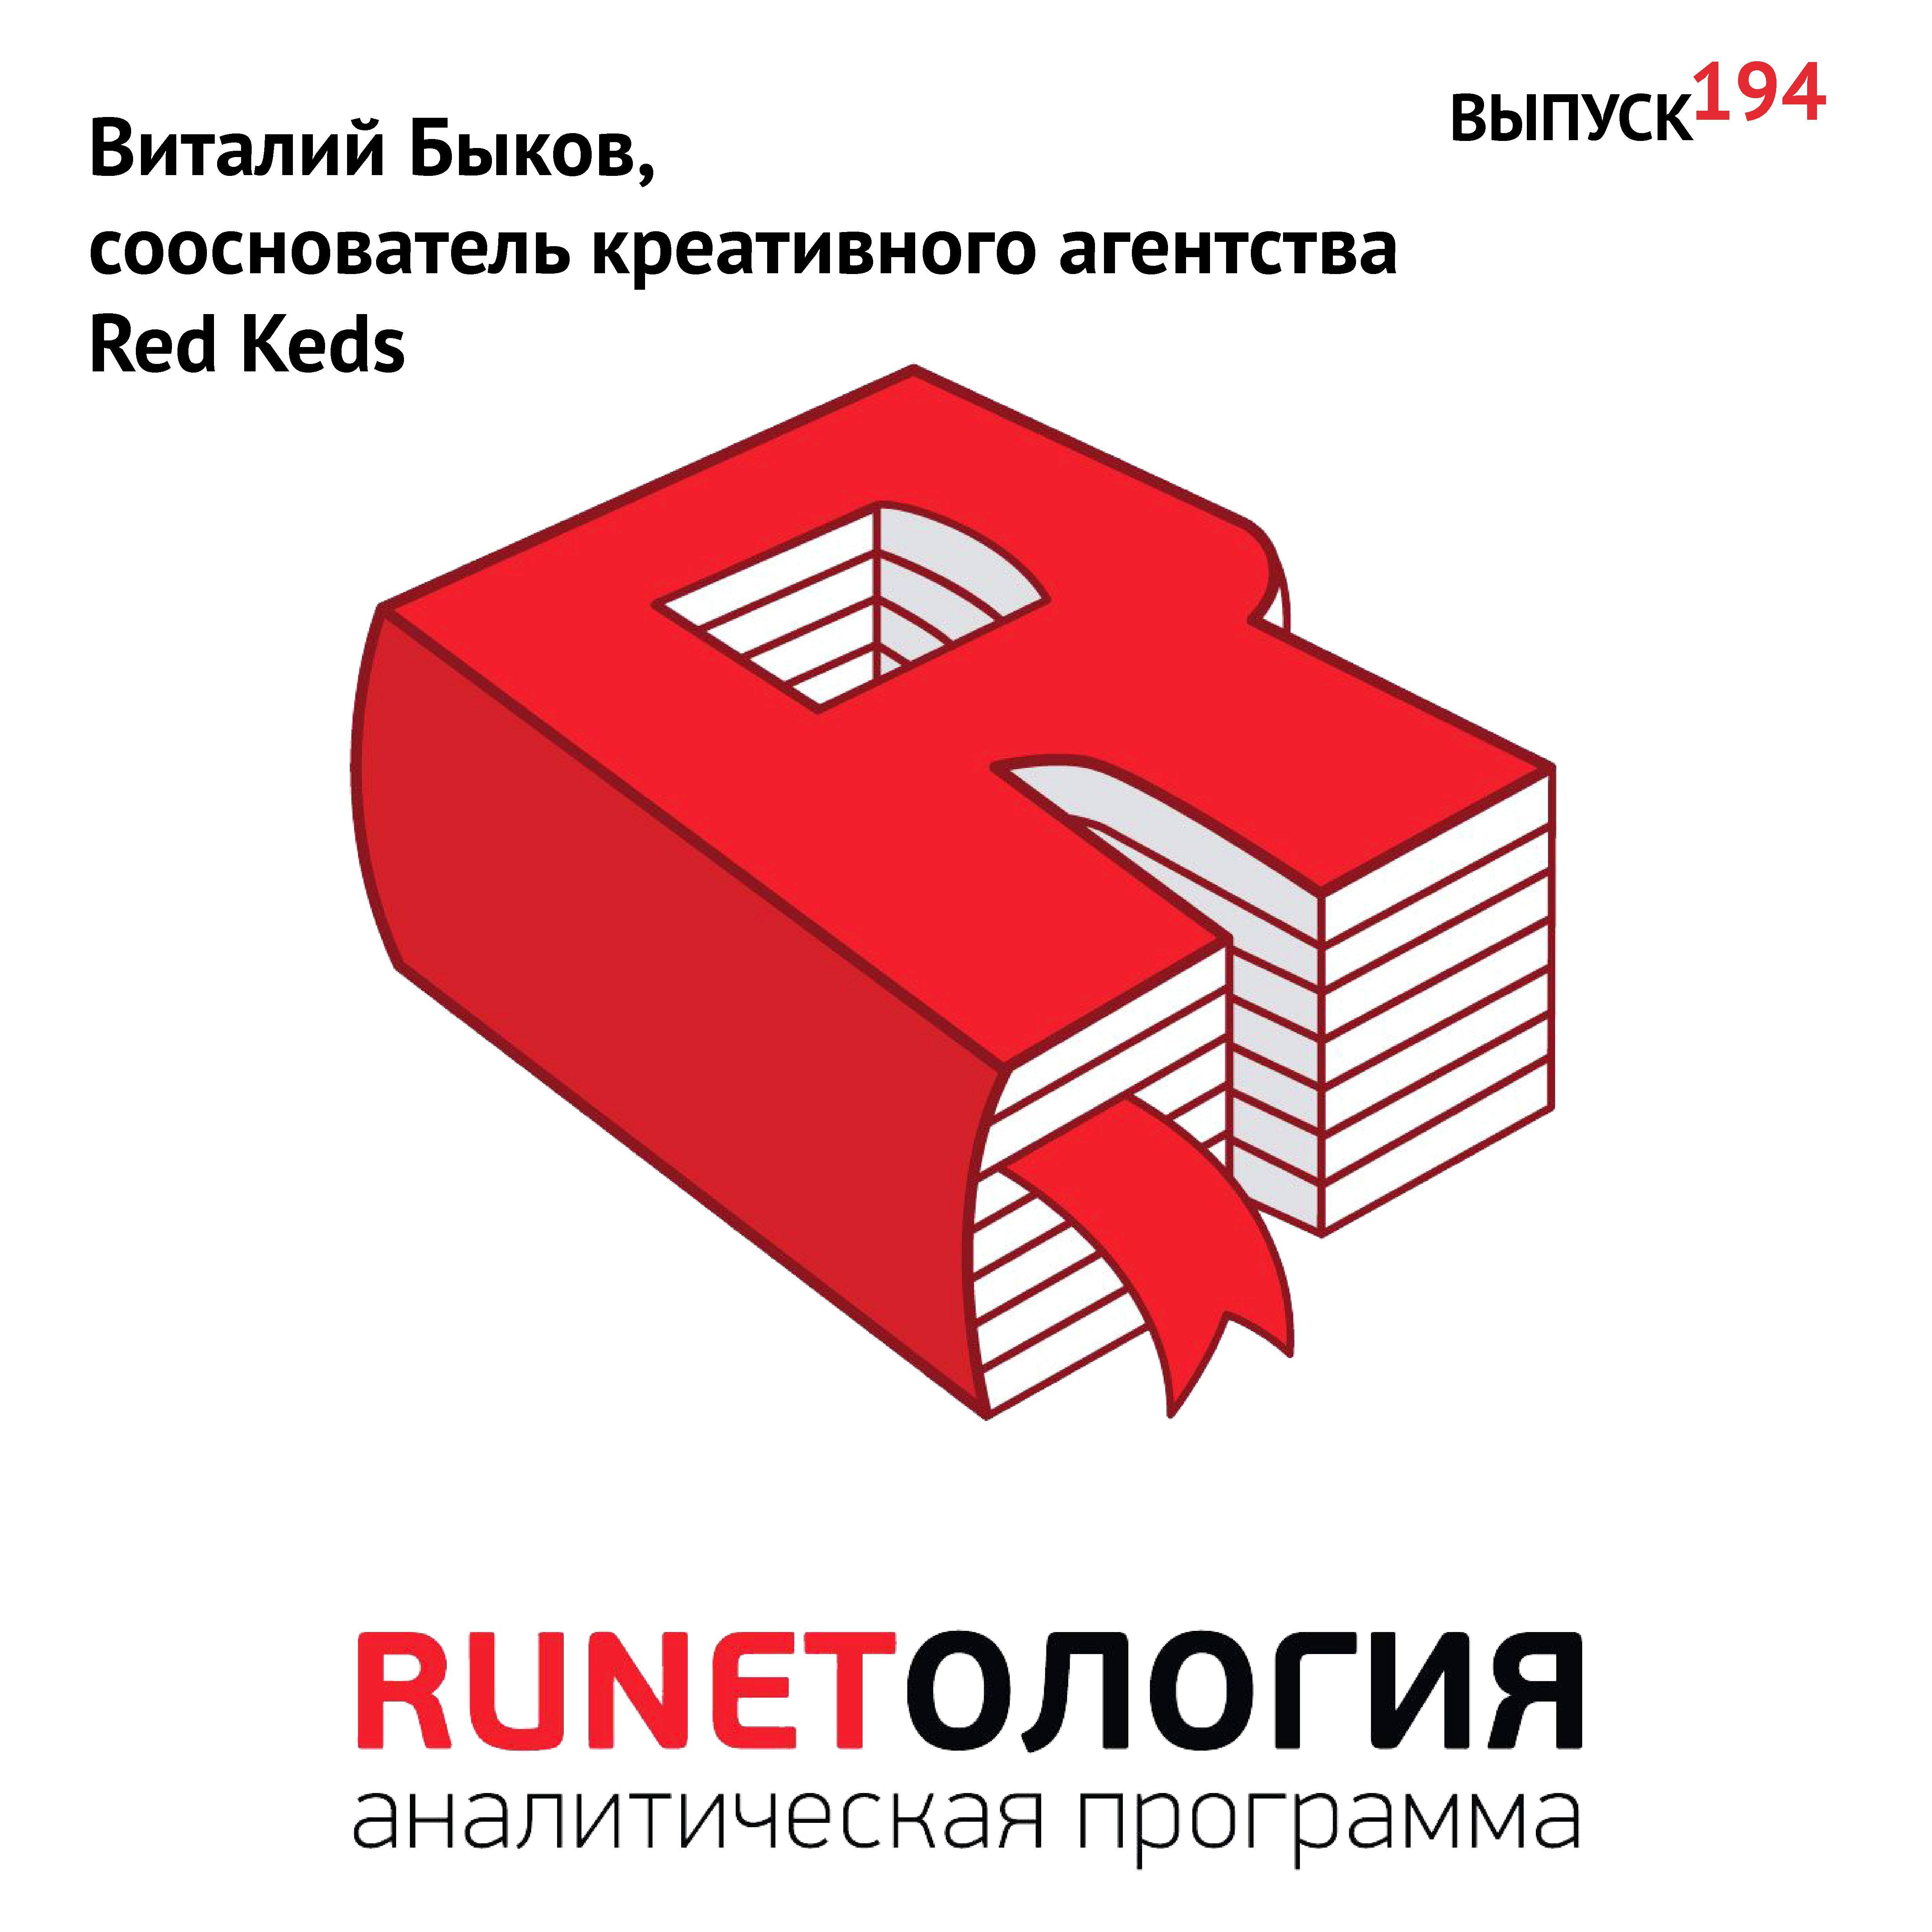 Максим Спиридонов Виталий Быков, сооснователь креативного агентства Red Keds цена